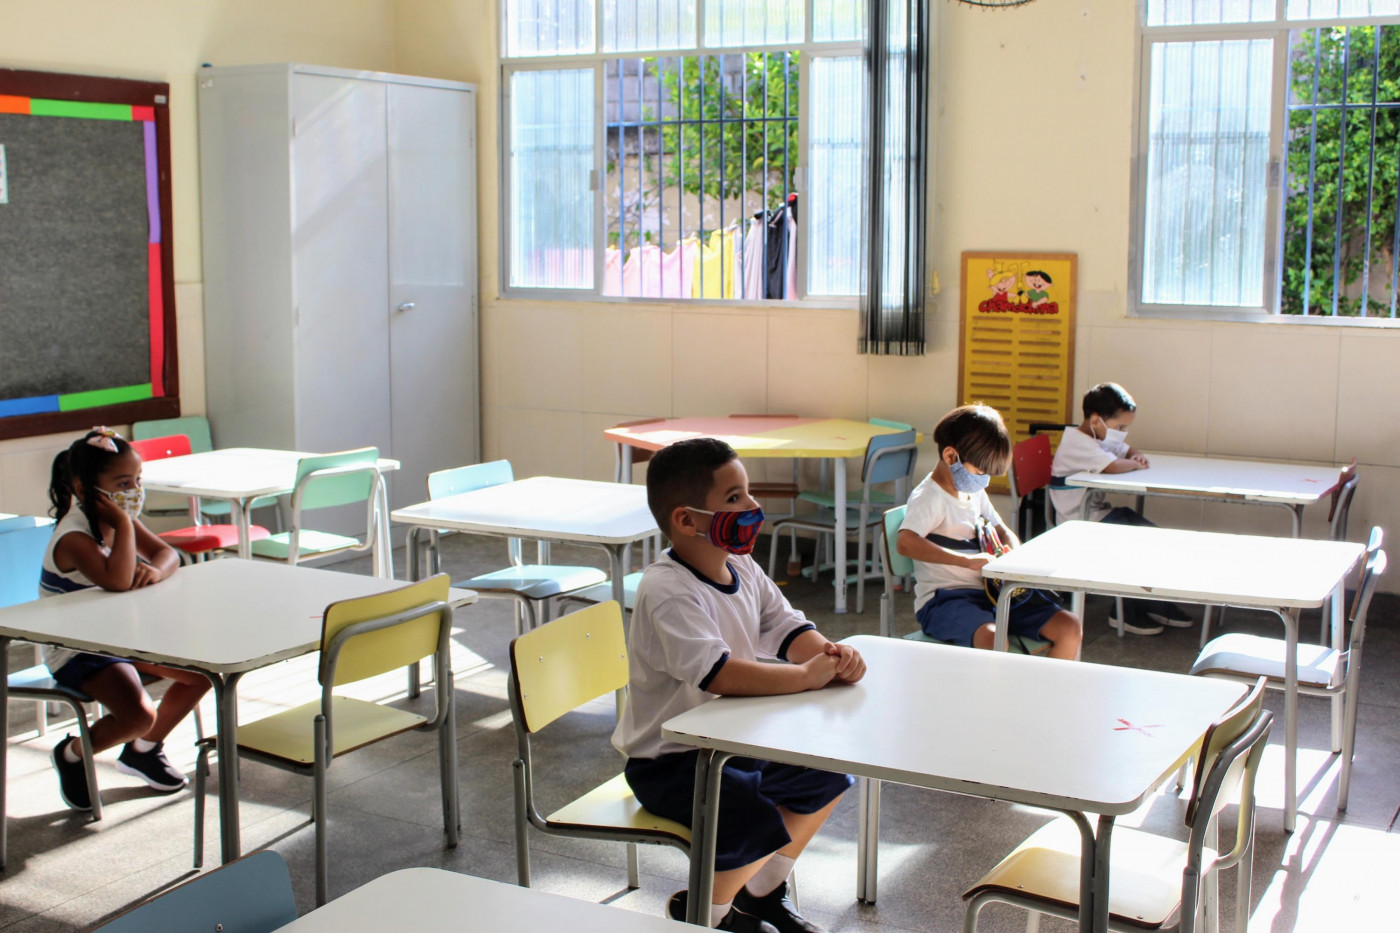 Quatro crianças sentadas na carteira escolar, uma distante da outra, assistem a uma aula em escola do Rio de Janeiro